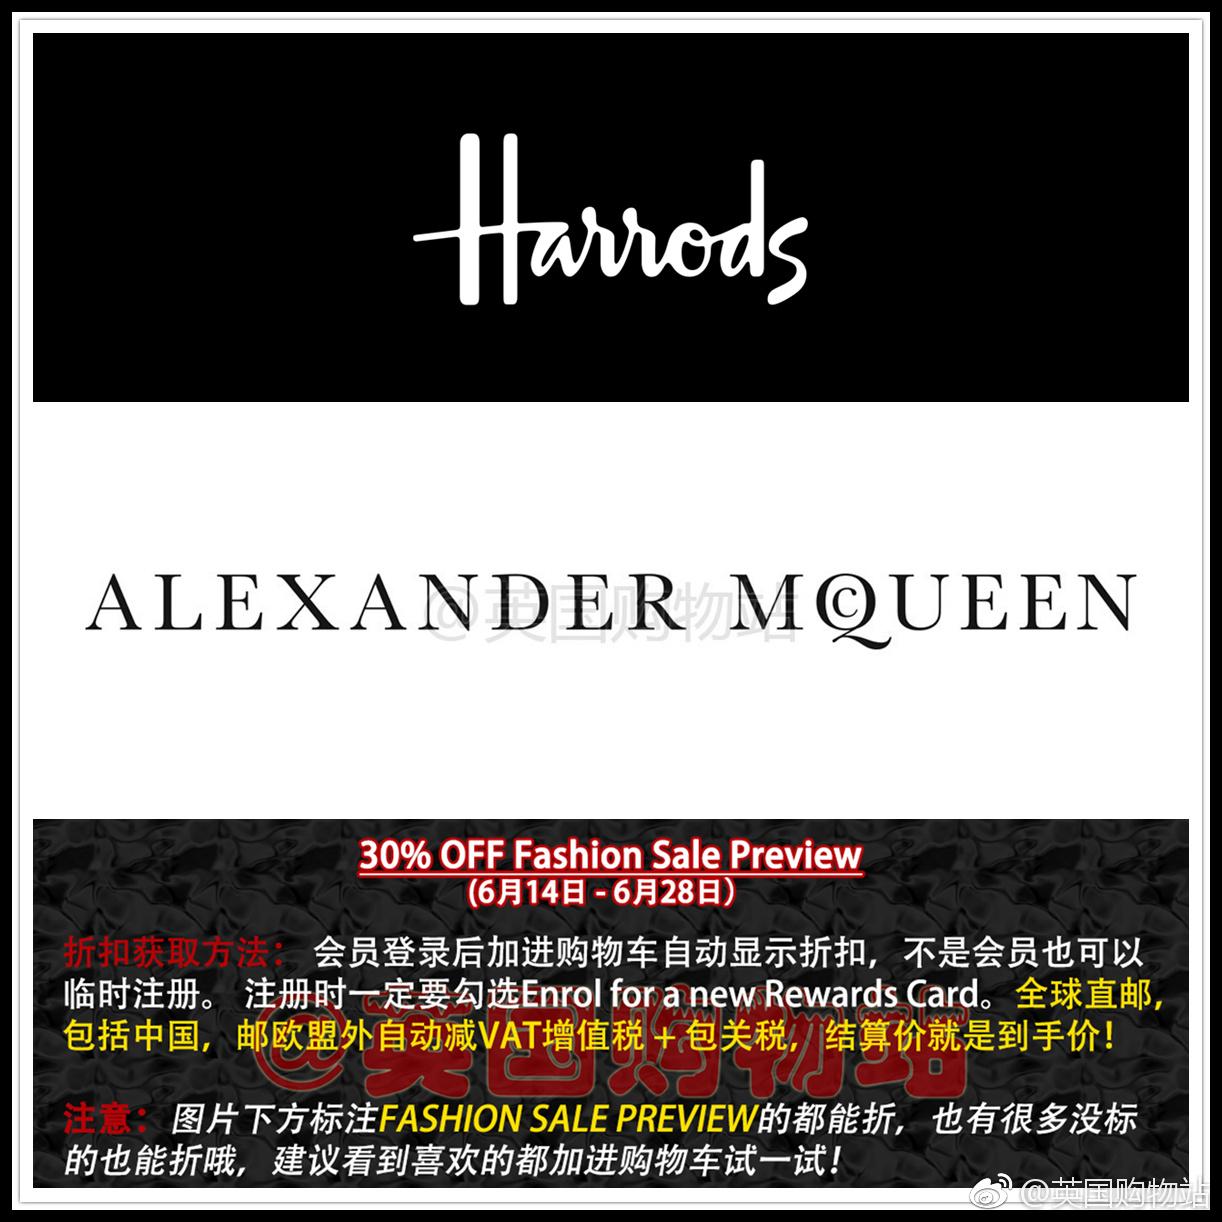 Harrods官网30% OFF夏季Sale Preview,Alexander McQueen大规模30% OFF